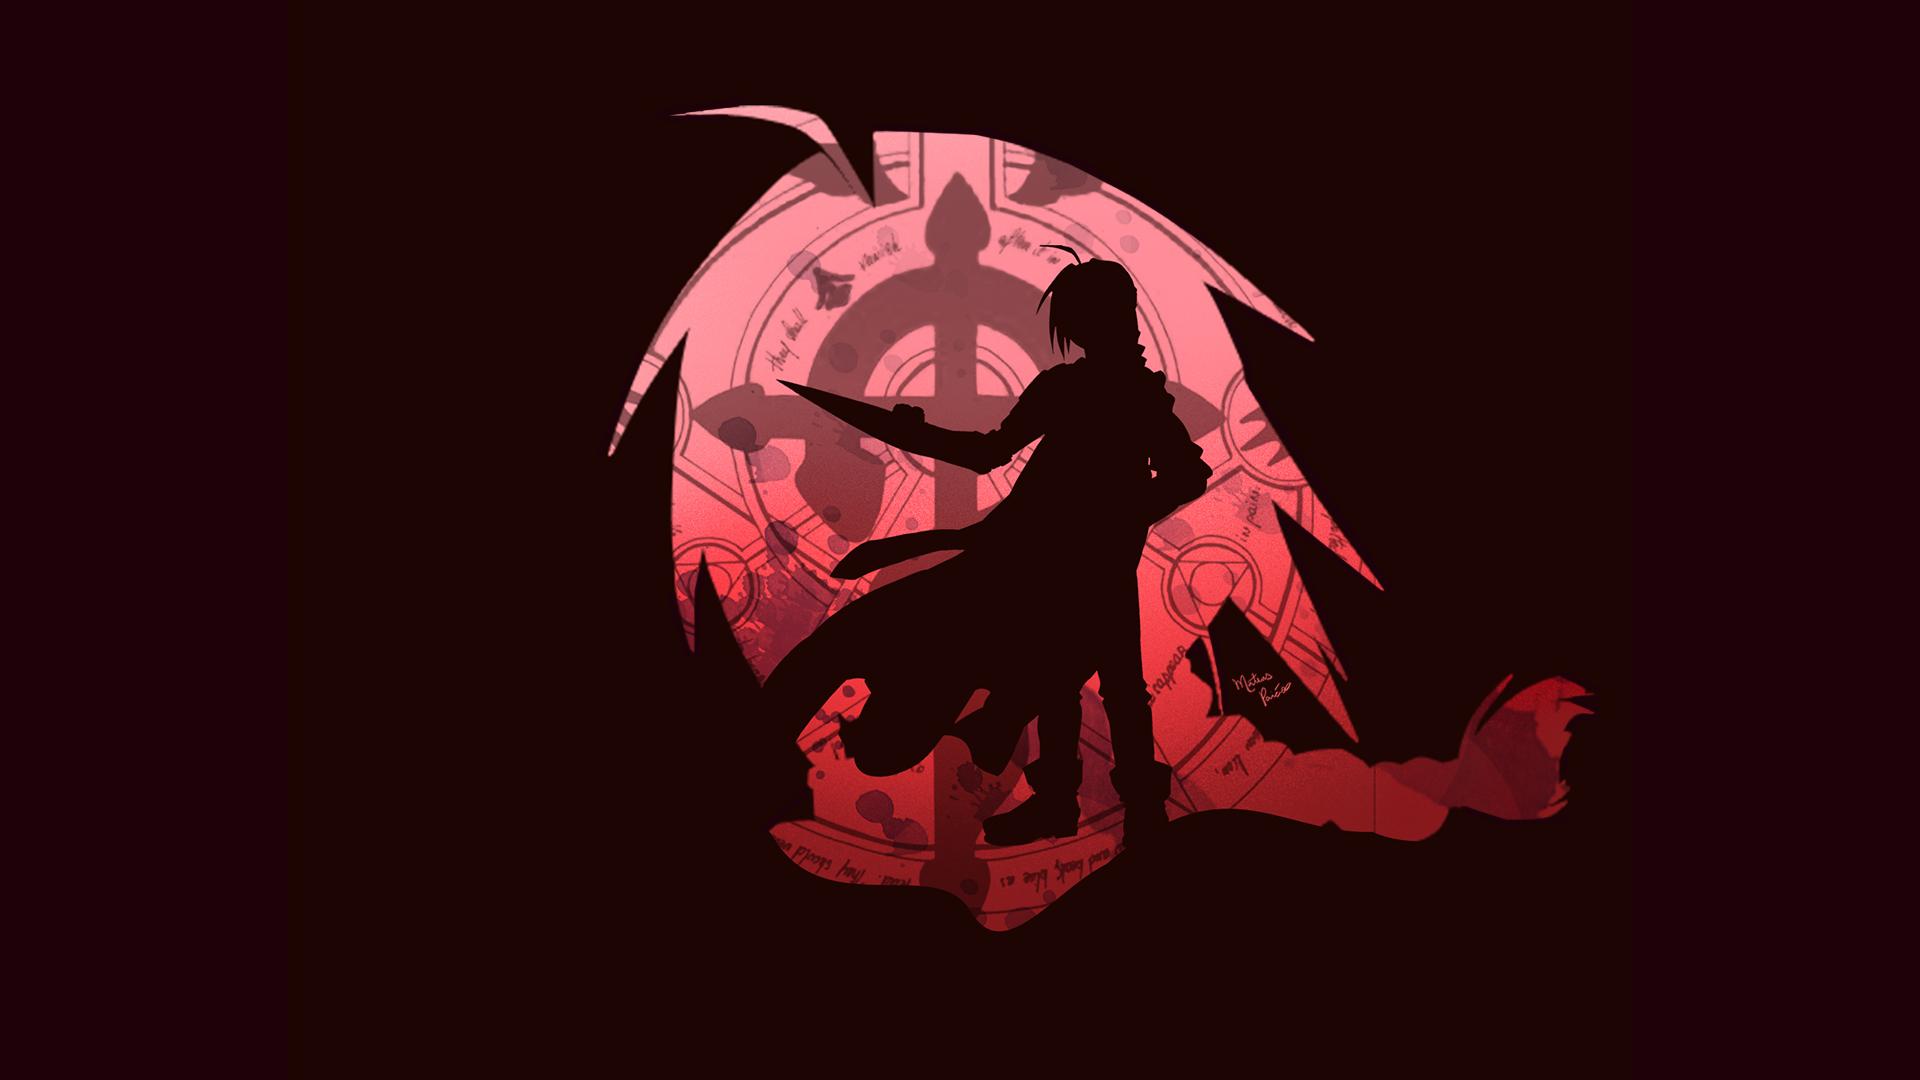 Fullmetal Alchemist Wallpaper Edward Elric Minitokyo